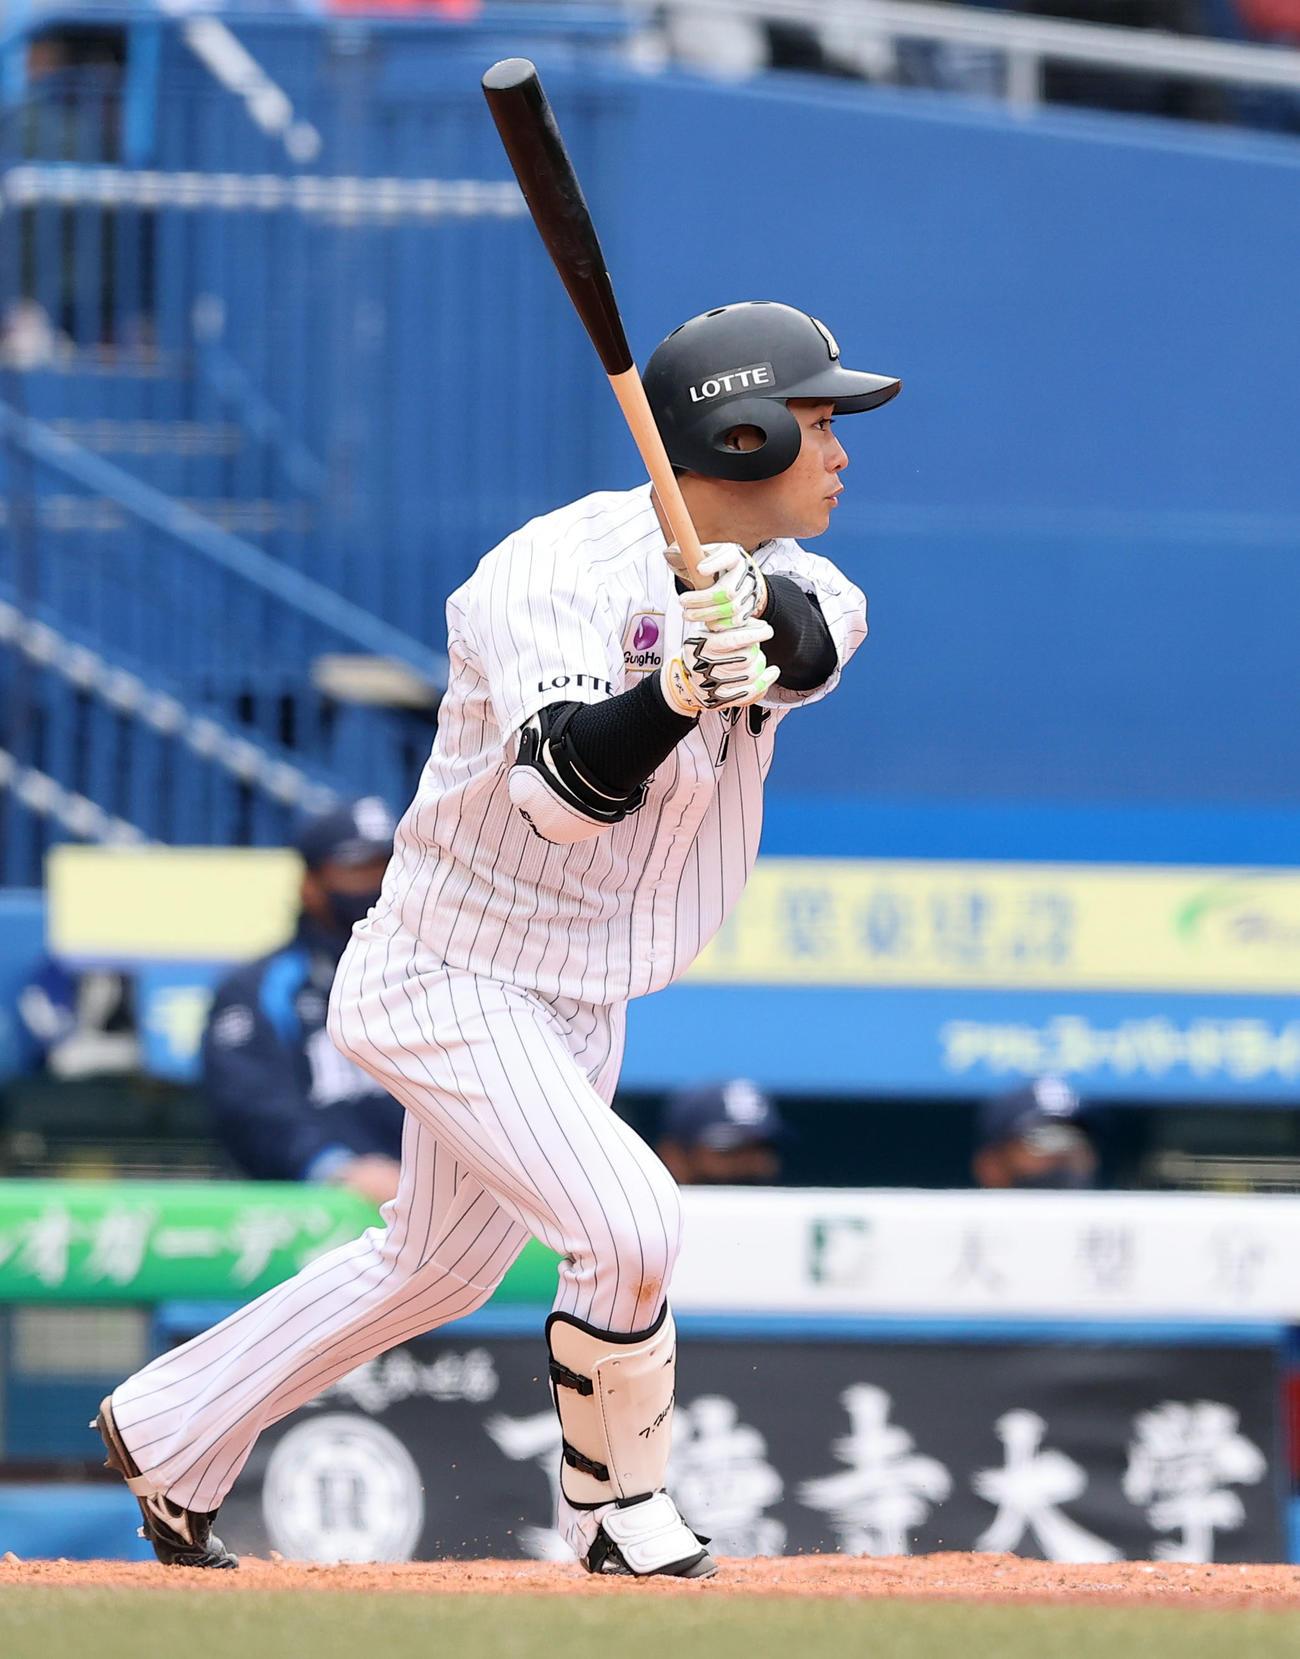 ロッテ対西武 9回裏ロッテ2死一、二塁、適時二塁打を放つ平沢(撮影・垰建太)